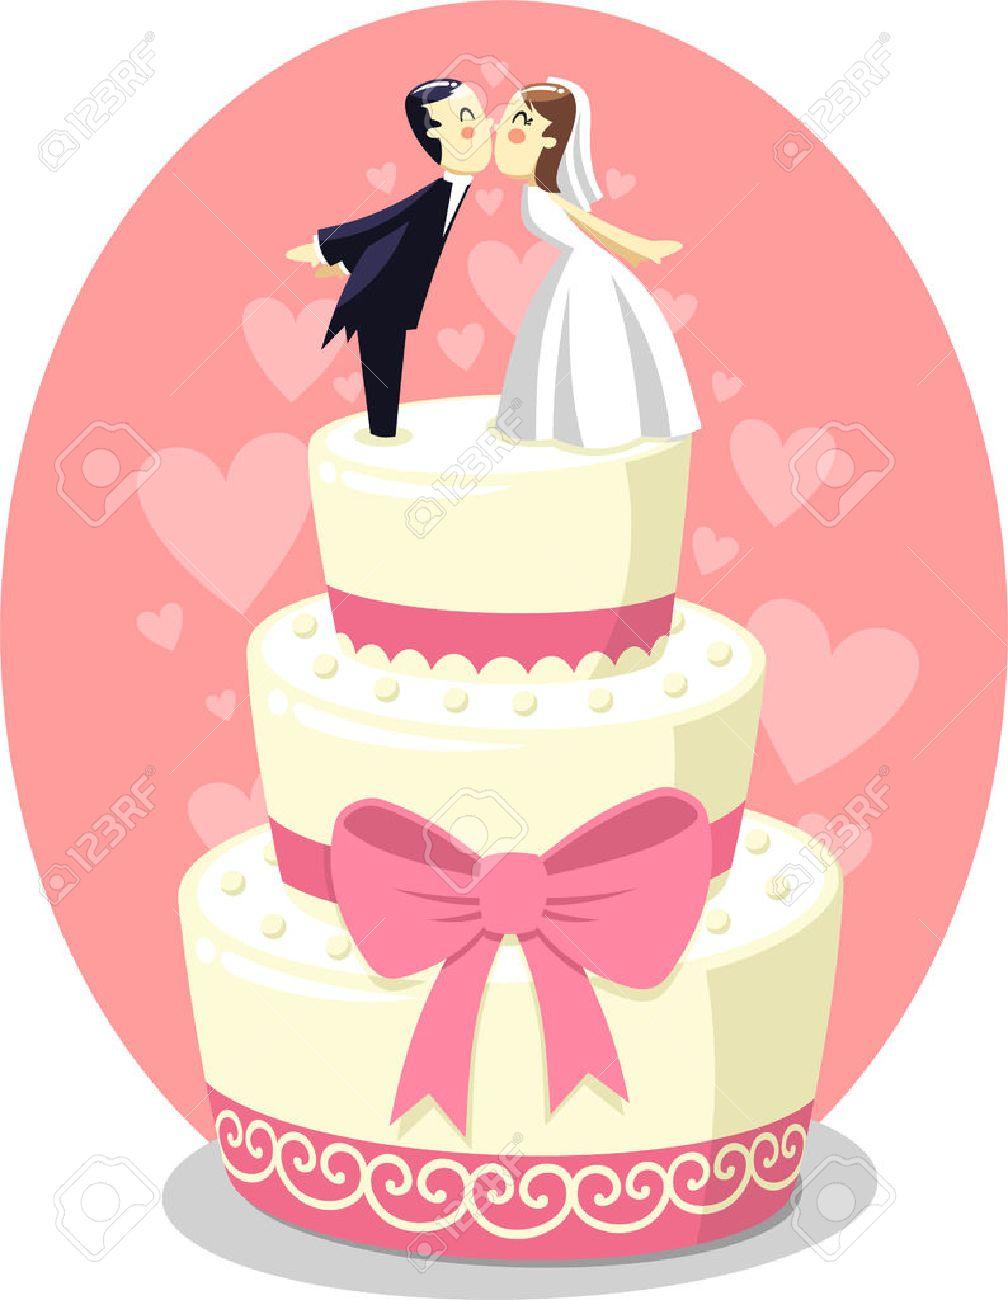 Hochzeitstorte Mit Braut Und Brautigam Figuren Vektor Illustration